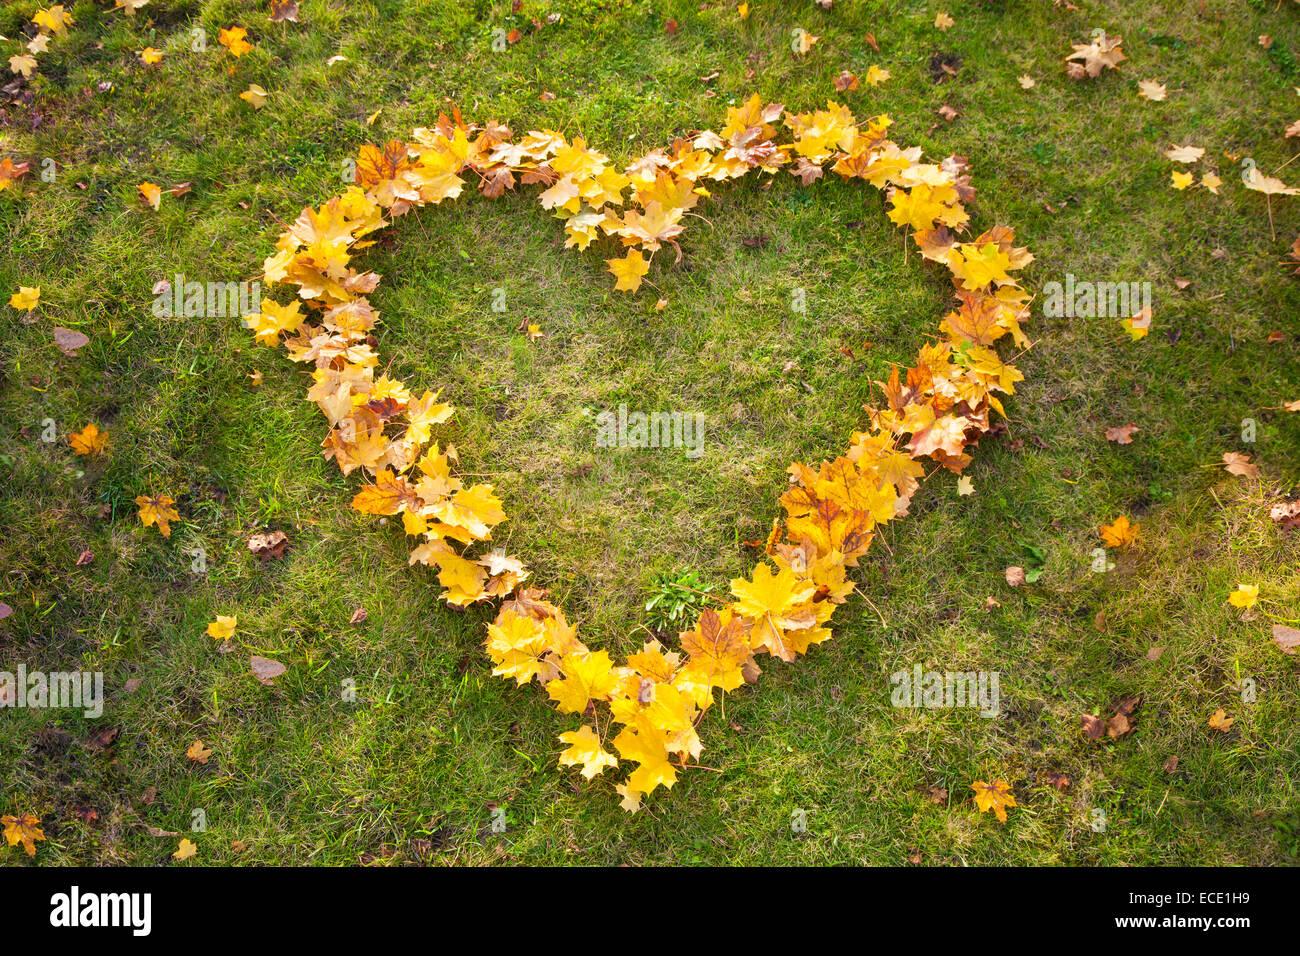 Amarillo otoño hojas de hierba con forma de corazón desde arriba Imagen De Stock